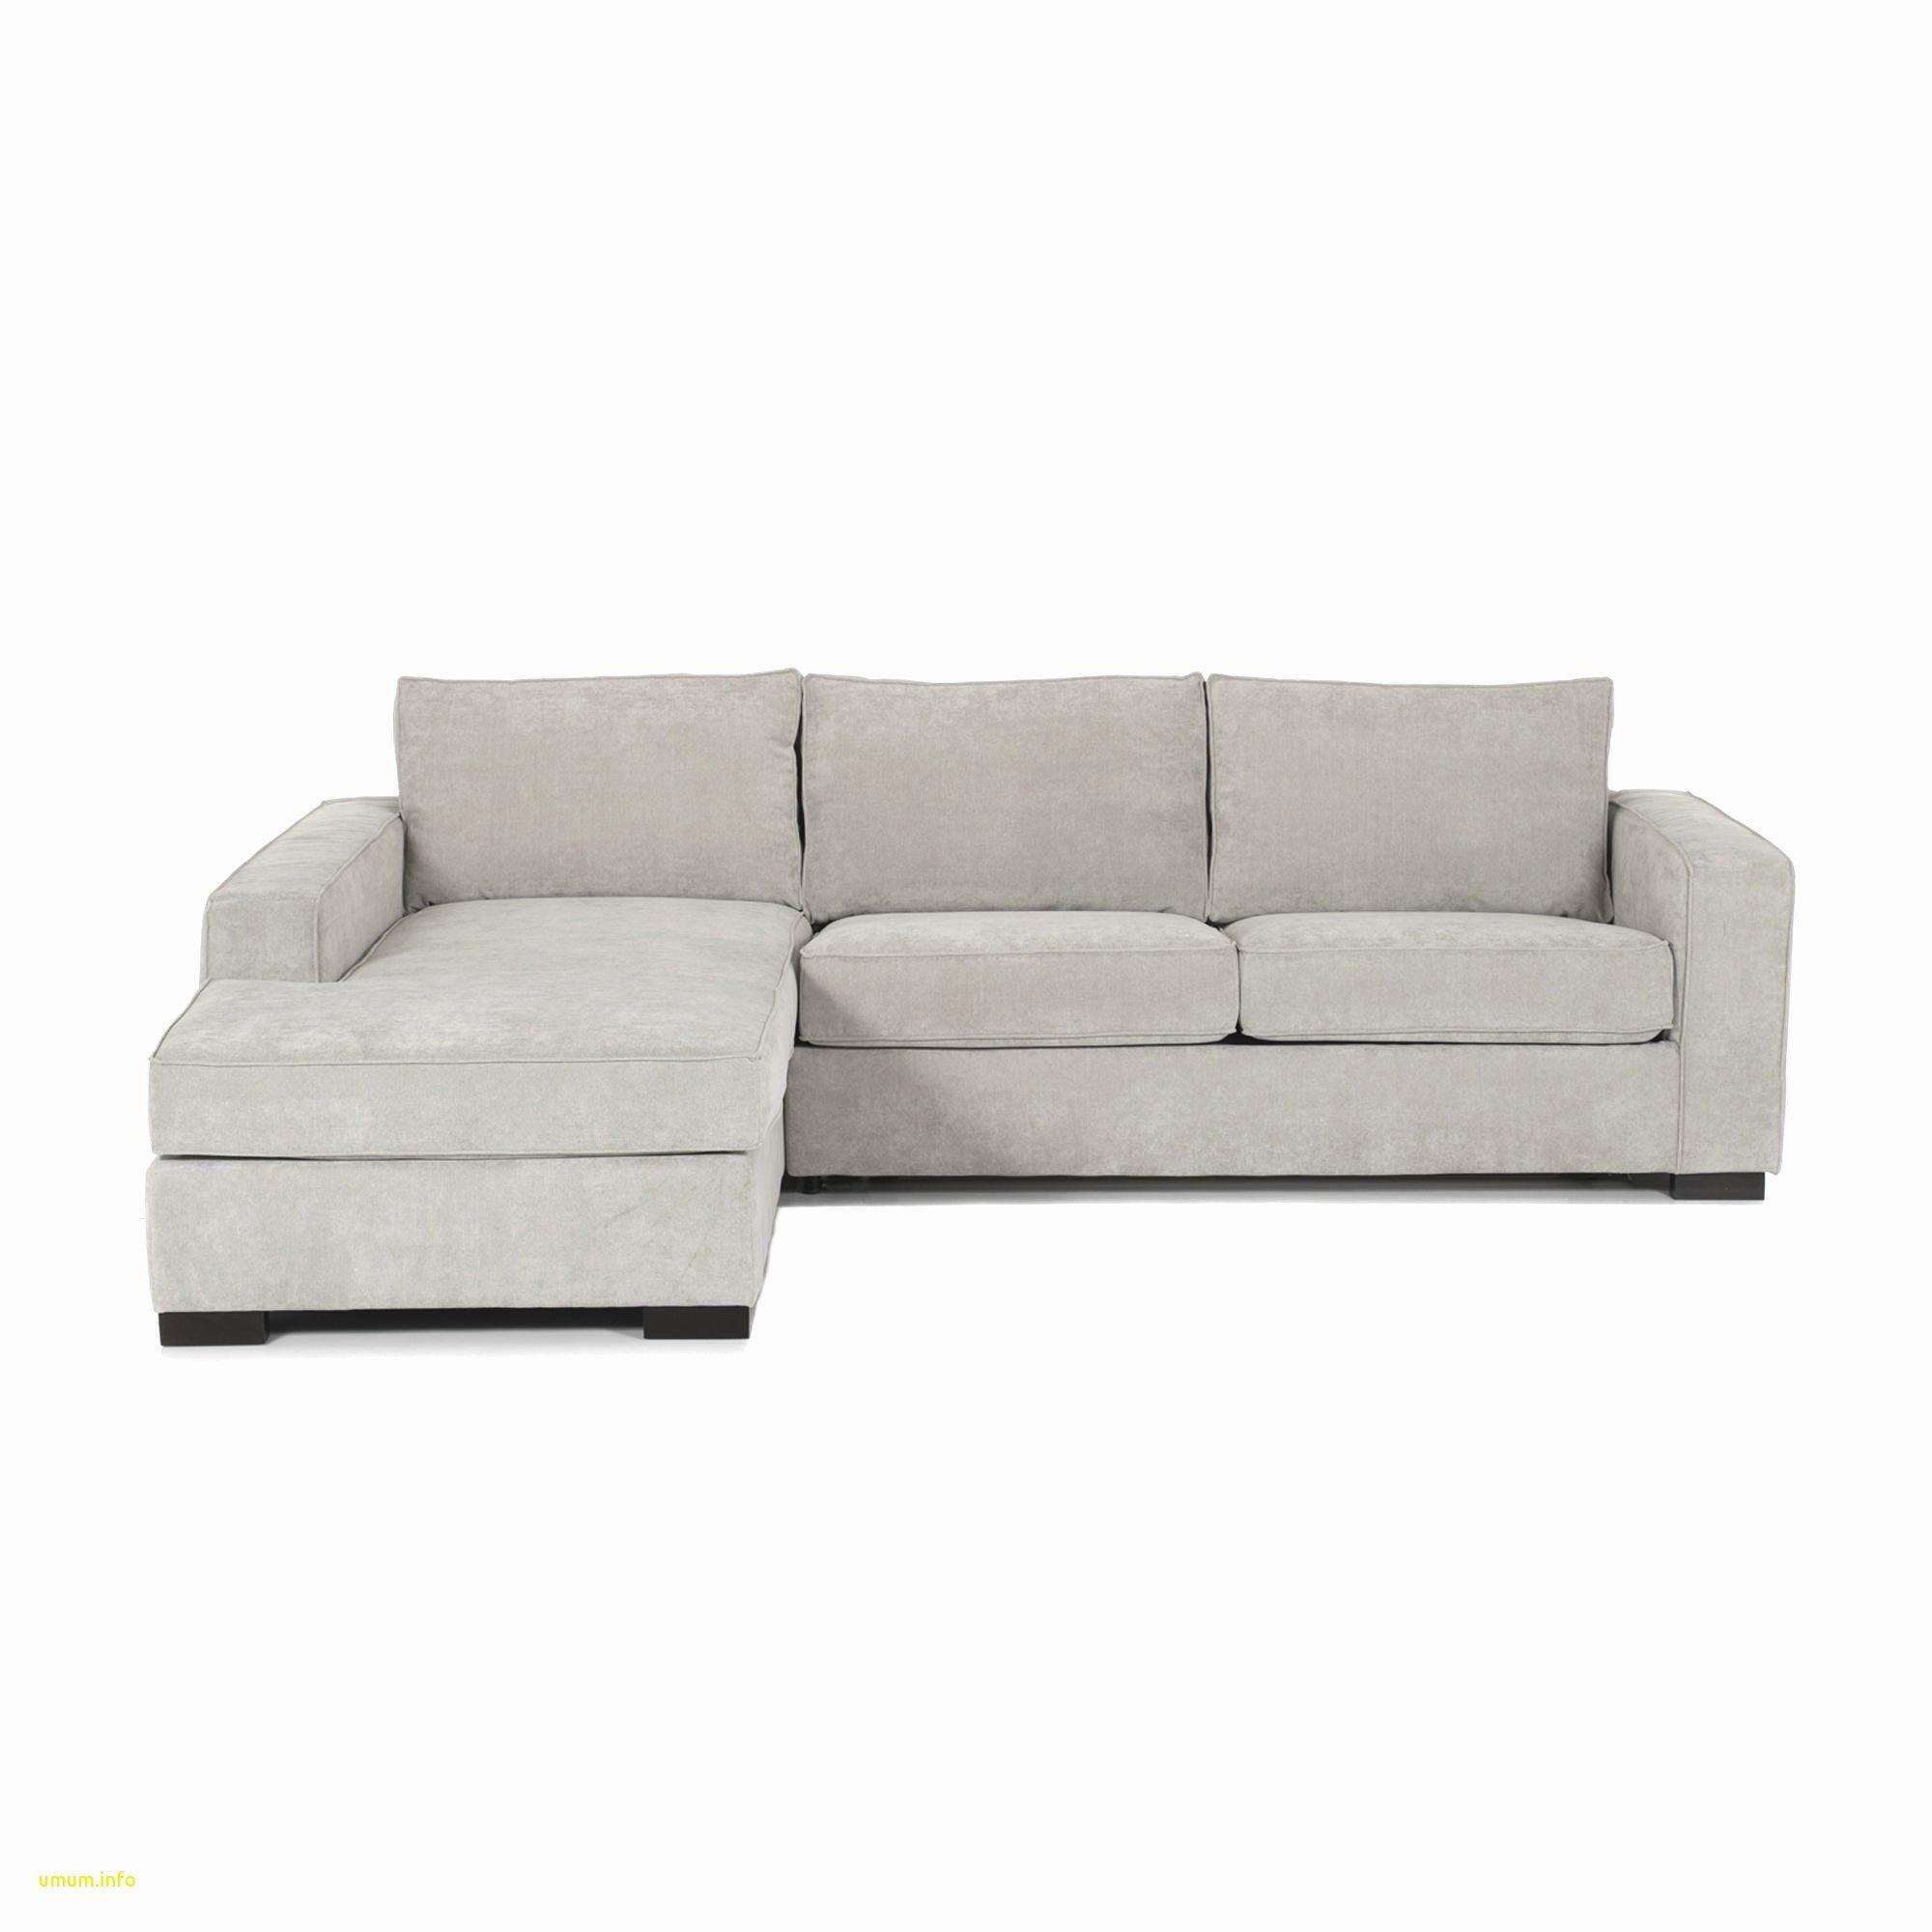 Lit Superposé Design Génial Entra Nant Lit Superposé Avec Canapé Sur Lit Biné Armoire Fresh Lit